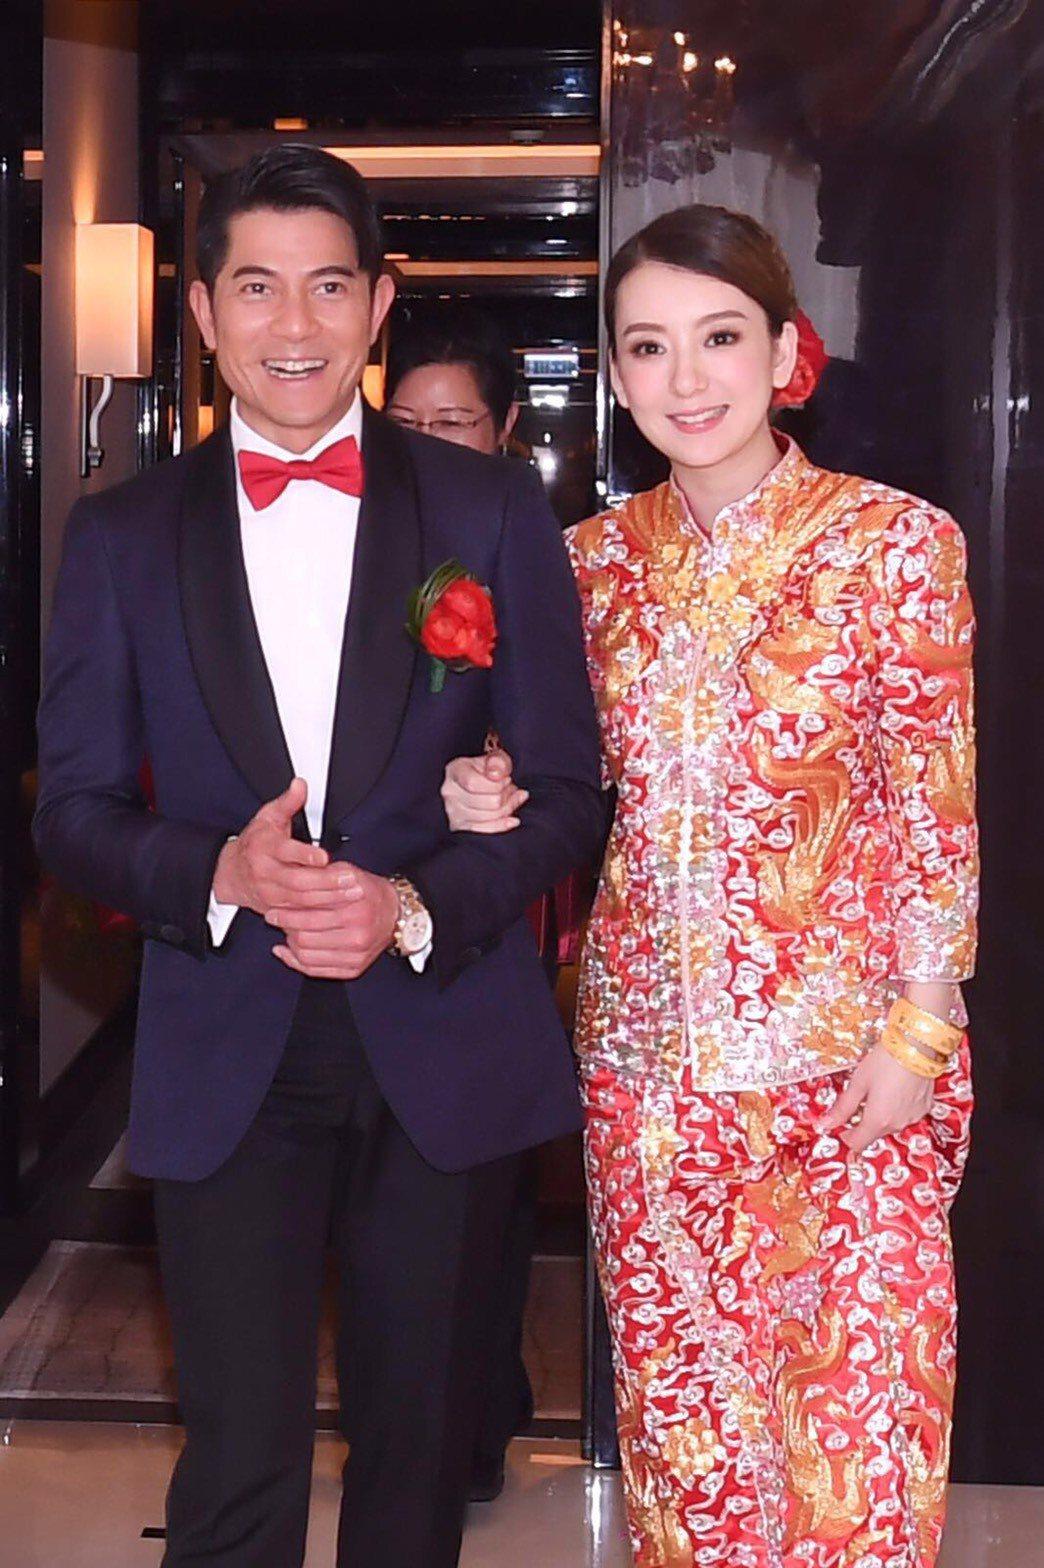 郭富城開心迎娶一身喜氣紅衣的方媛。圖/小美工作室提供